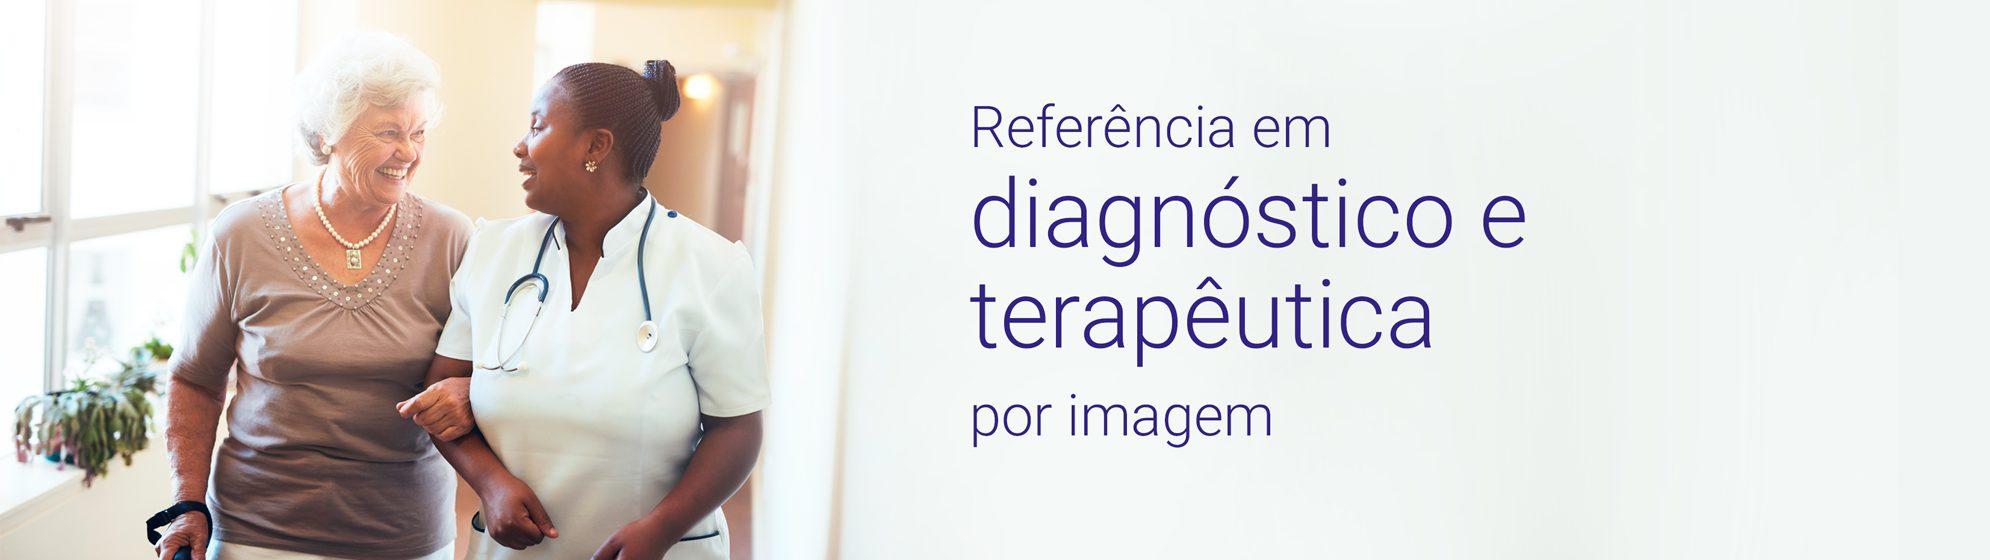 clinica-ceu-referencia-em-diagnostico-e-terapeutica-por-imagem